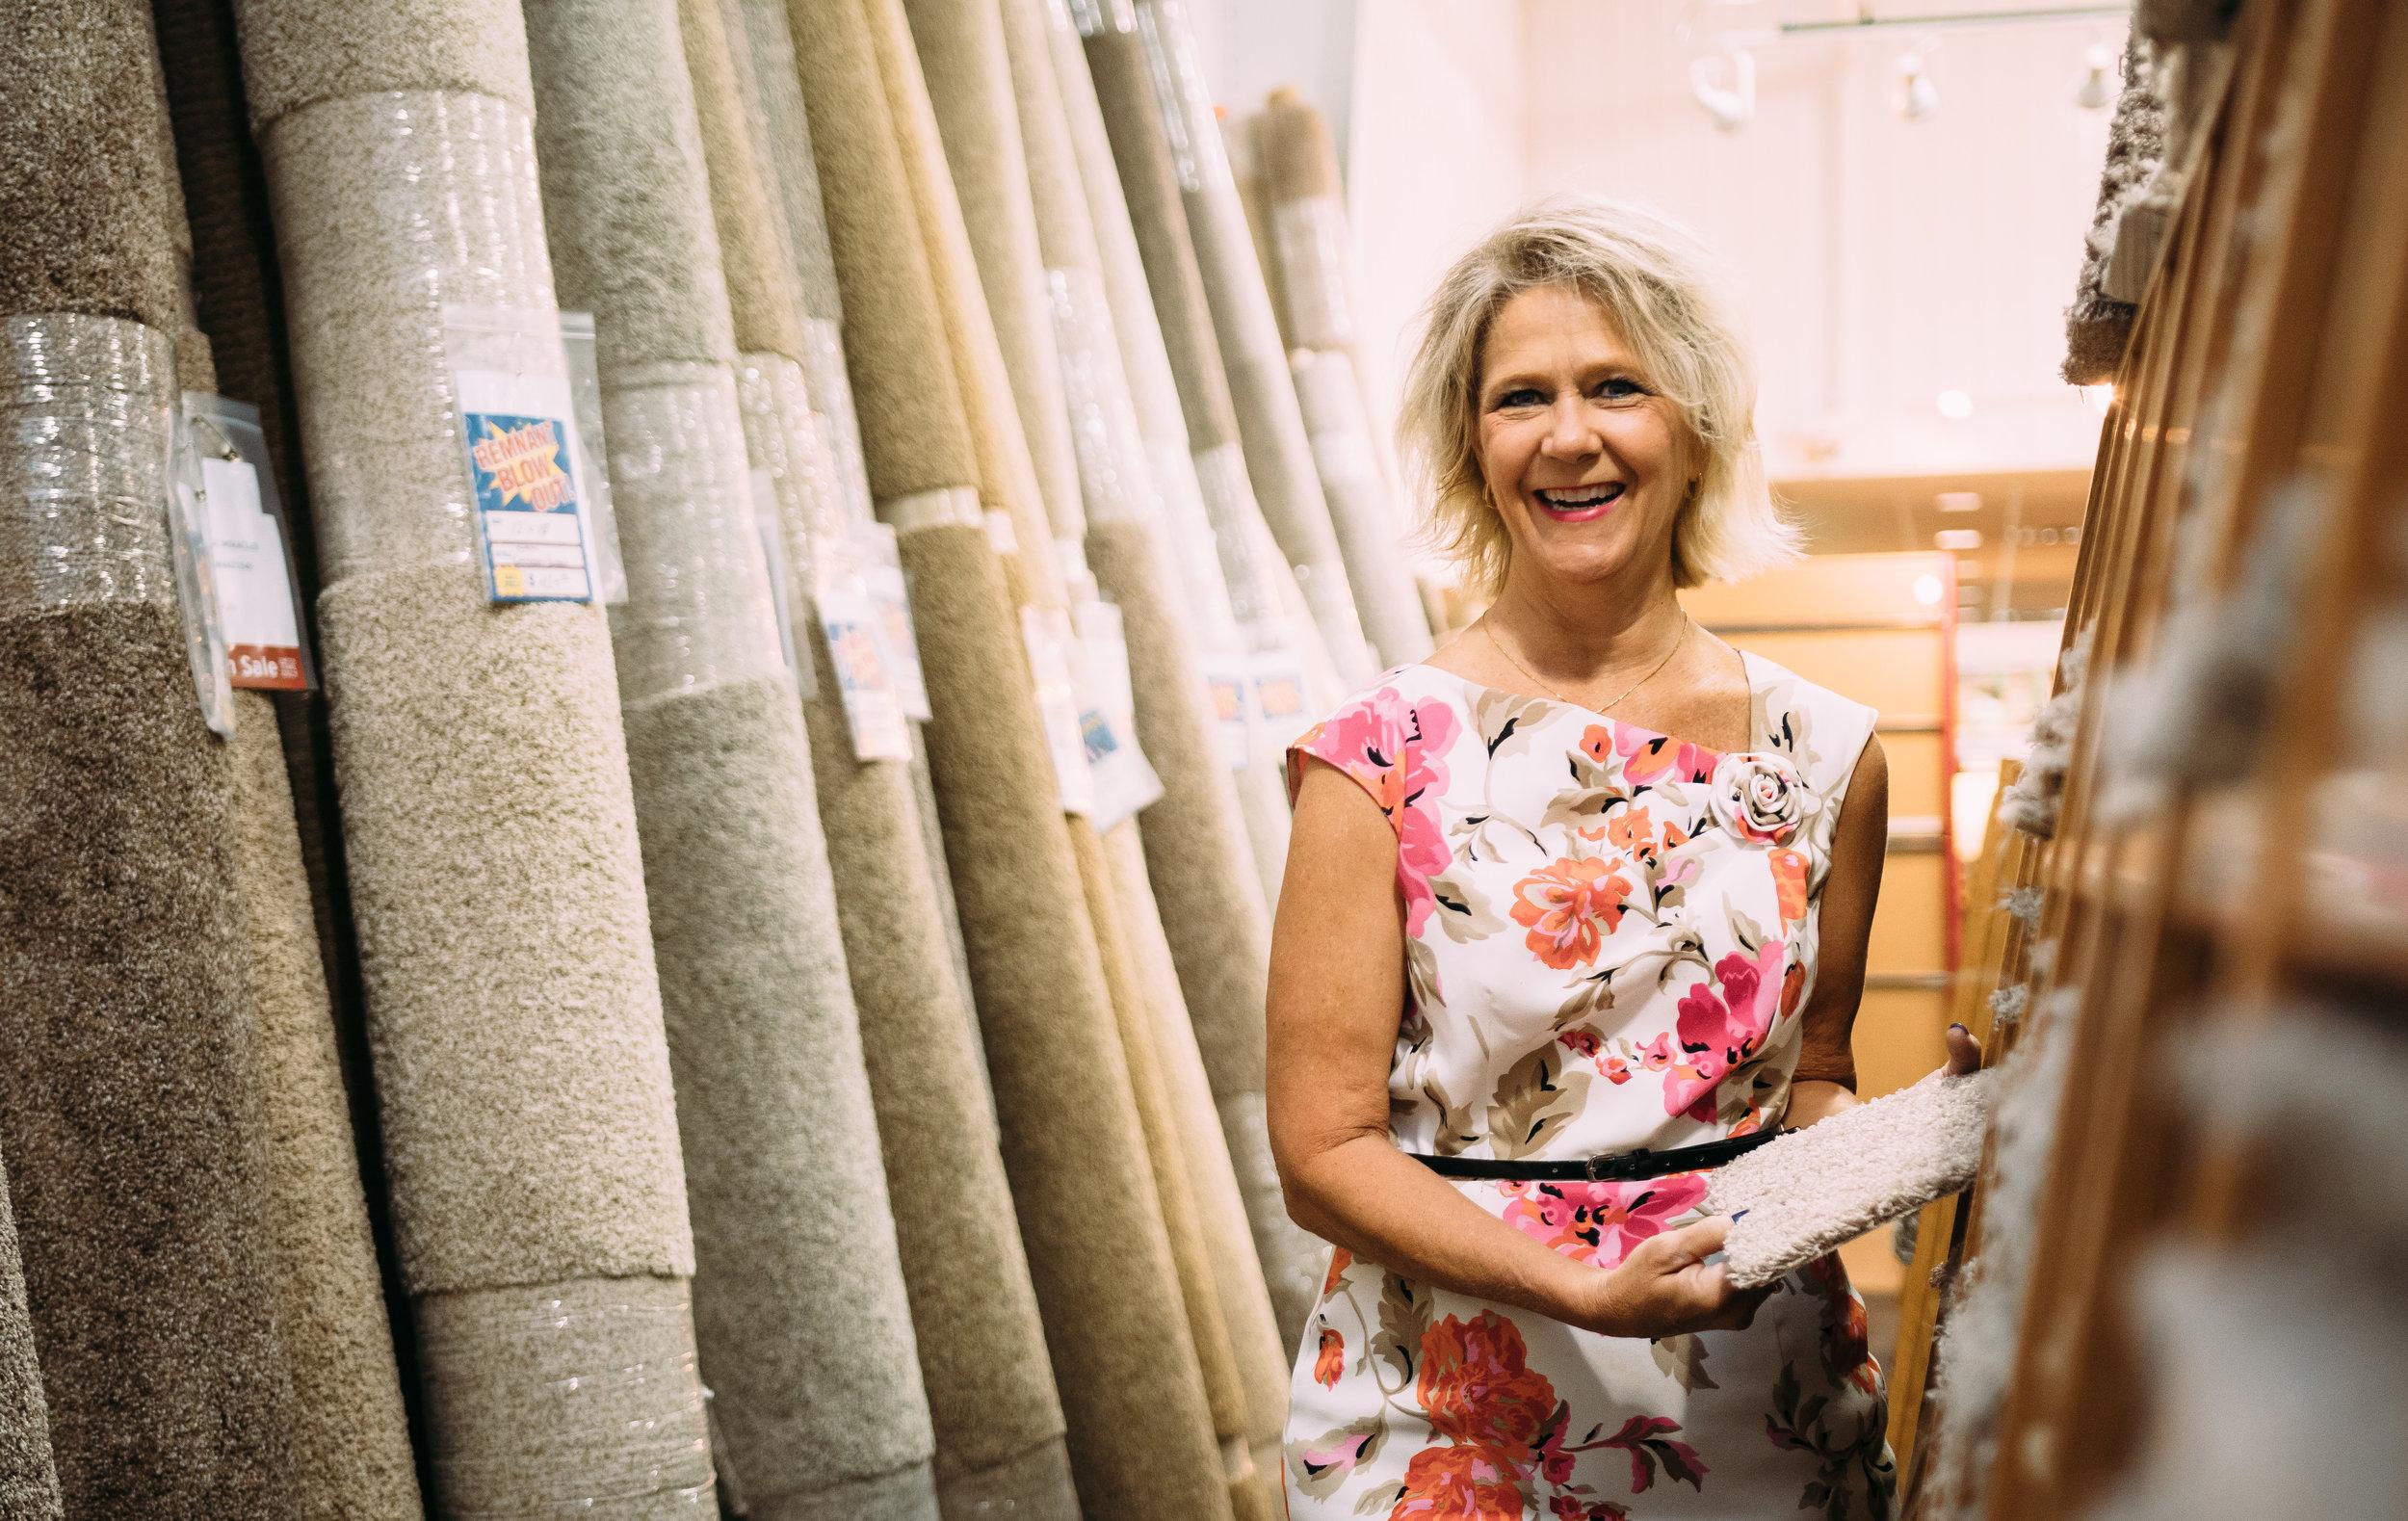 Carpet One flooring consultant Cindy Wills